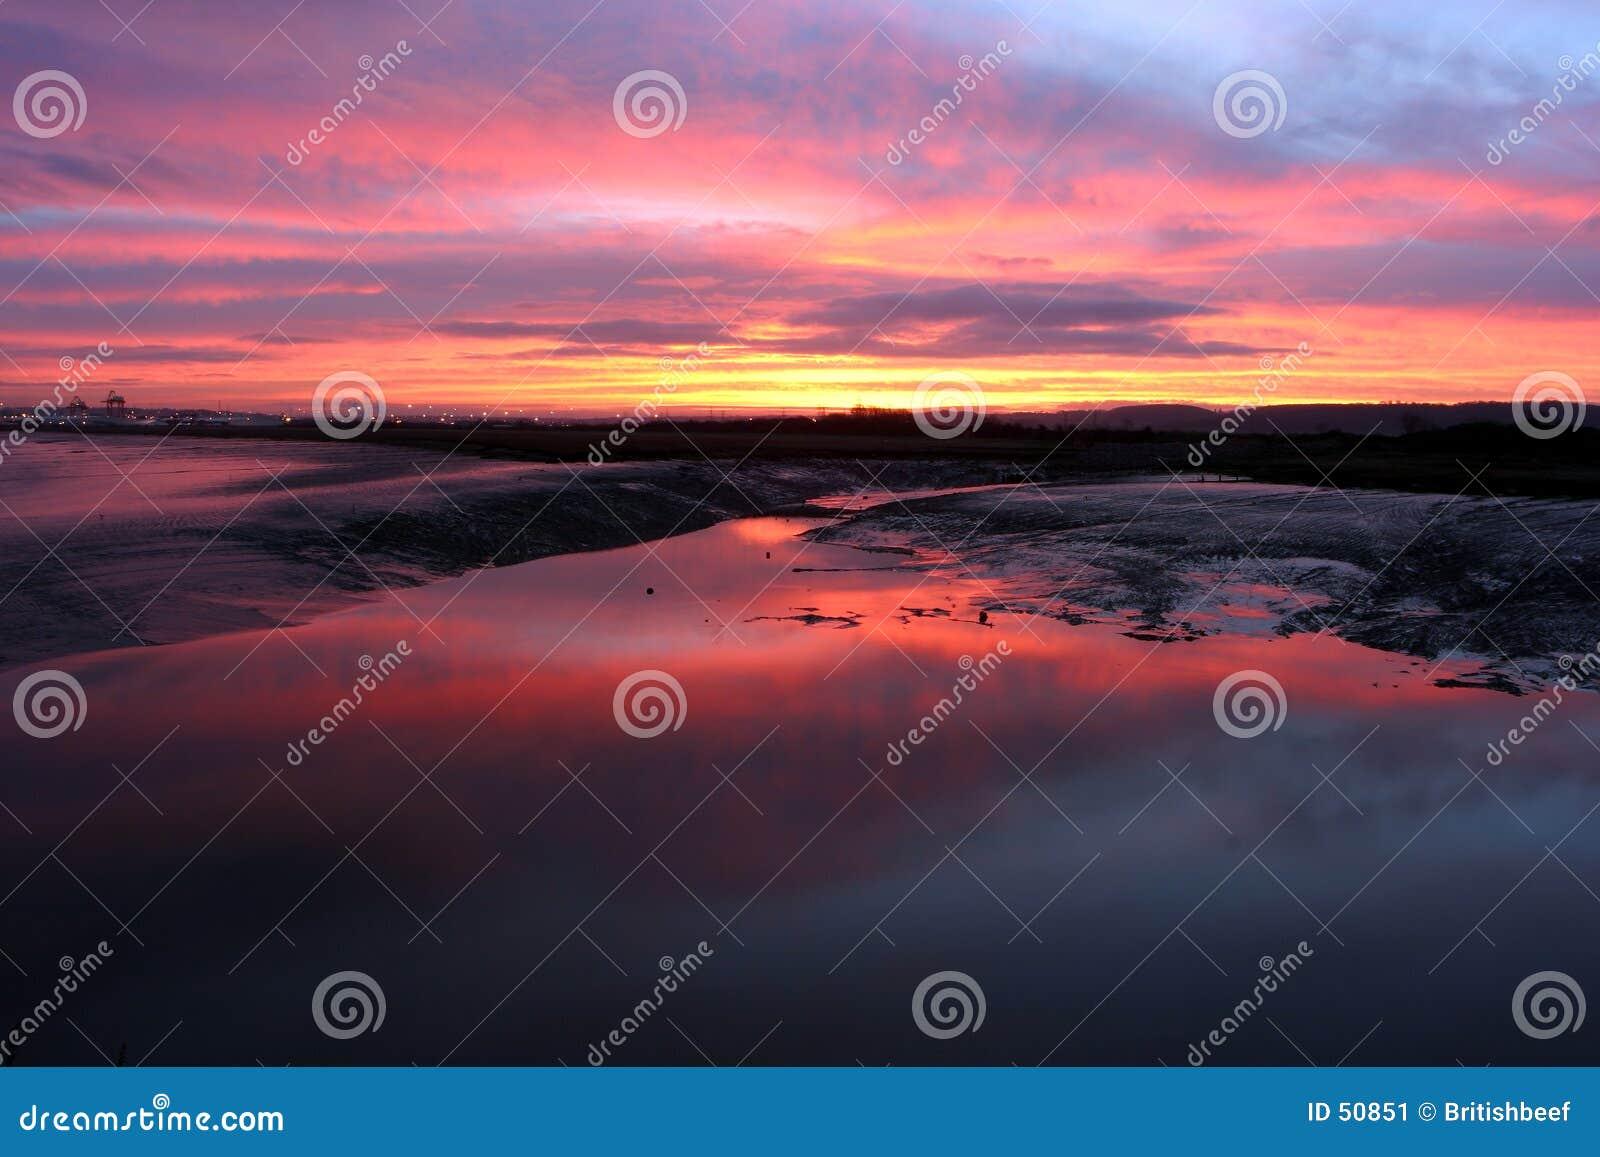 Bred flodmynning 2 över soluppgång